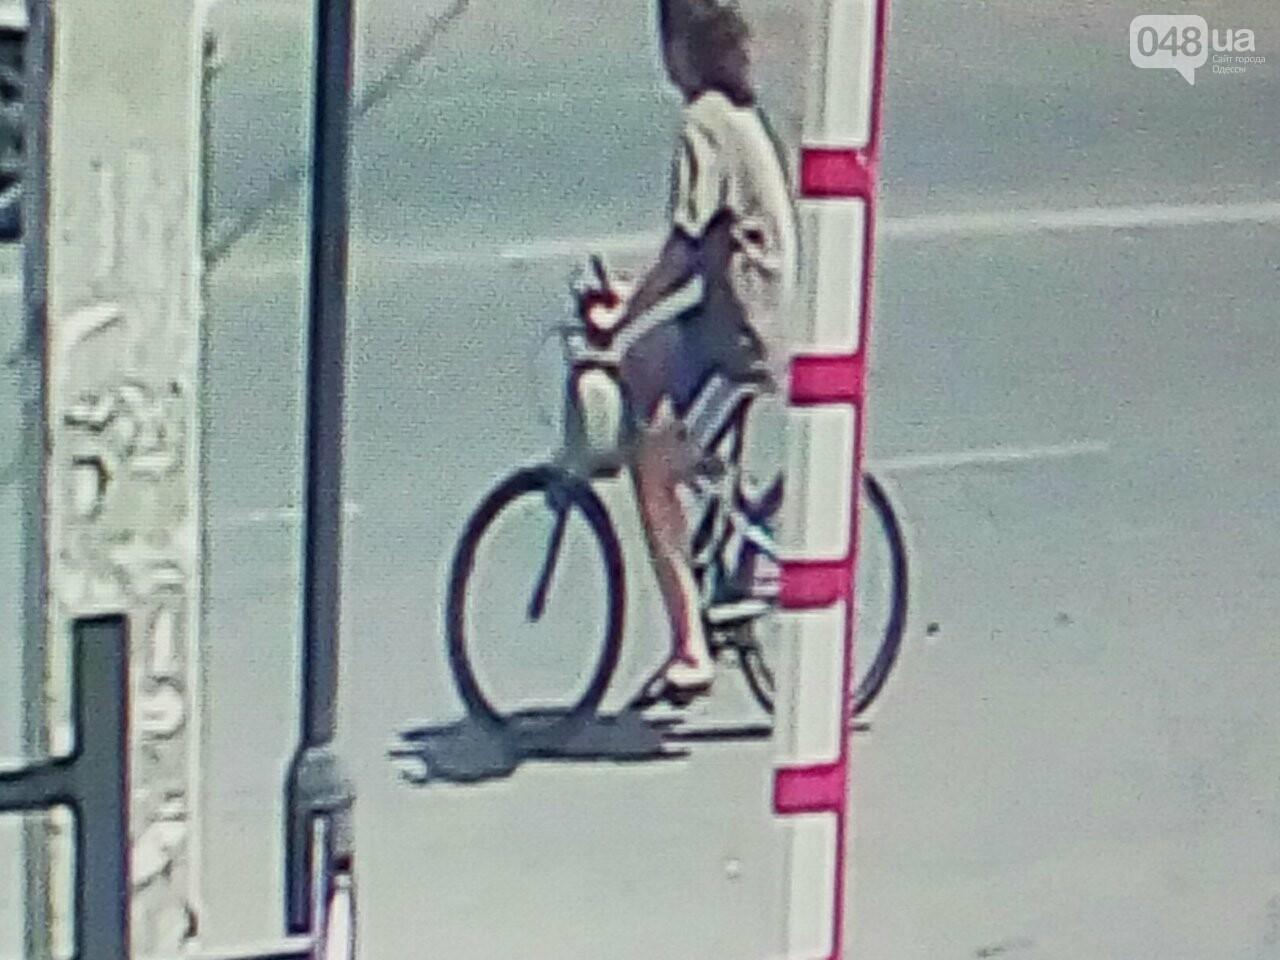 Как в Одессе девушка угоняет велосипеды: опубликованы видео и фото, фото-2